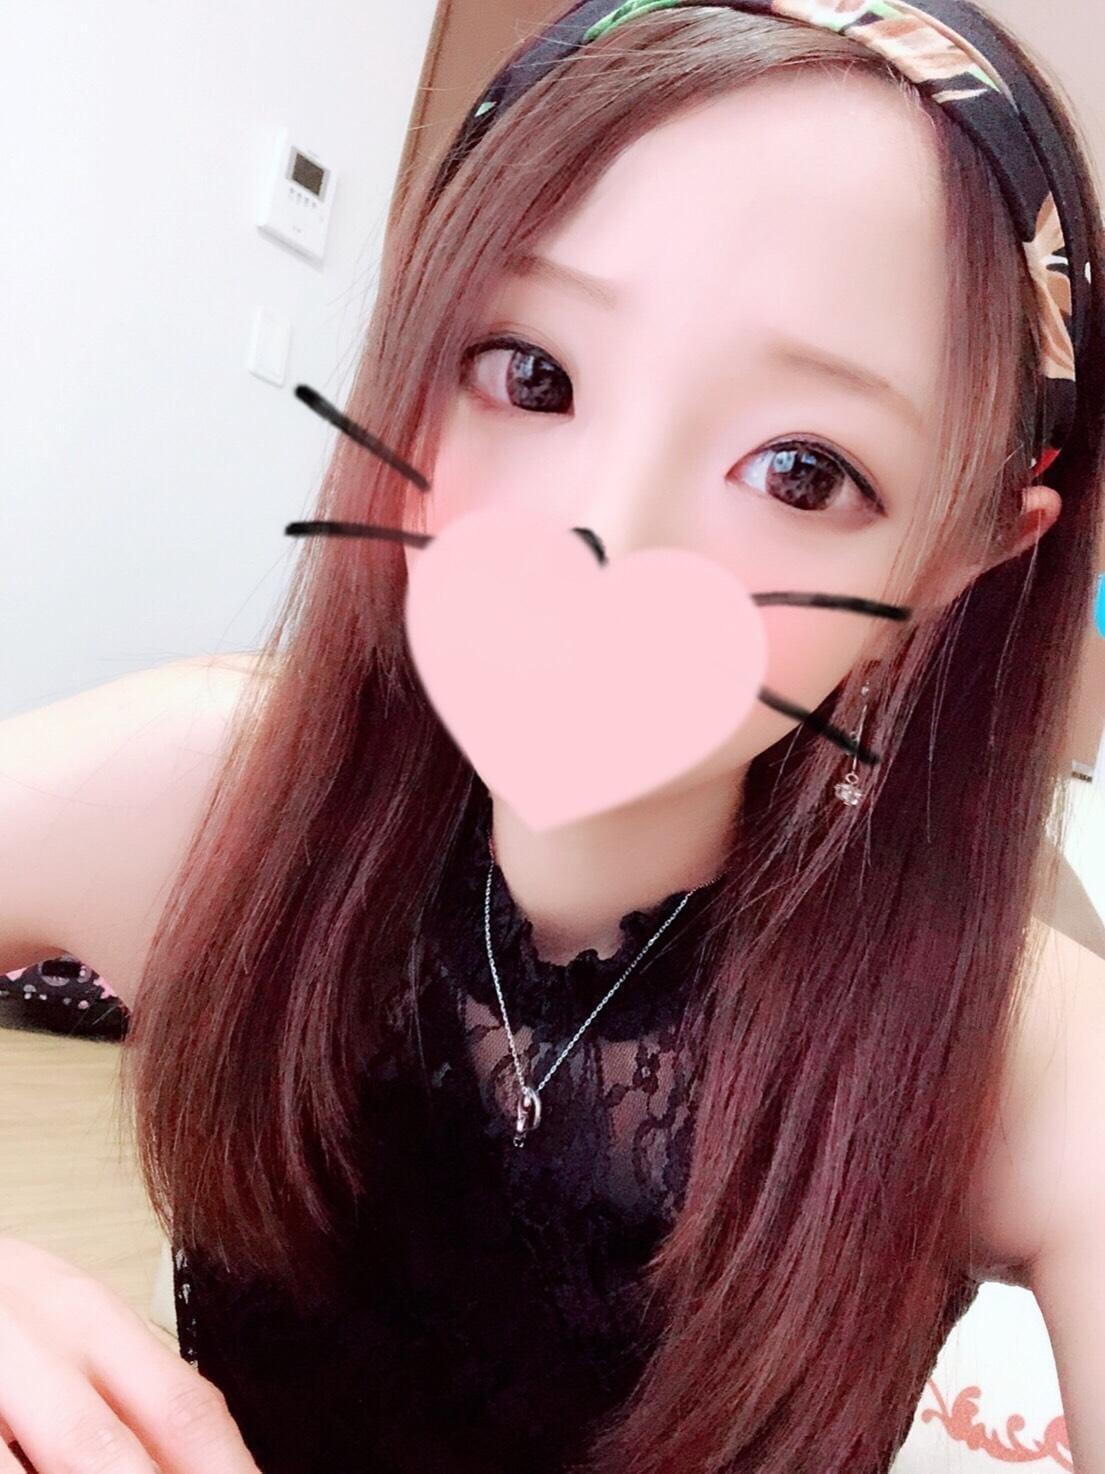 「美味しい(**)」10/20(土) 04:55 | るな☆可愛い系小柄美女の写メ・風俗動画